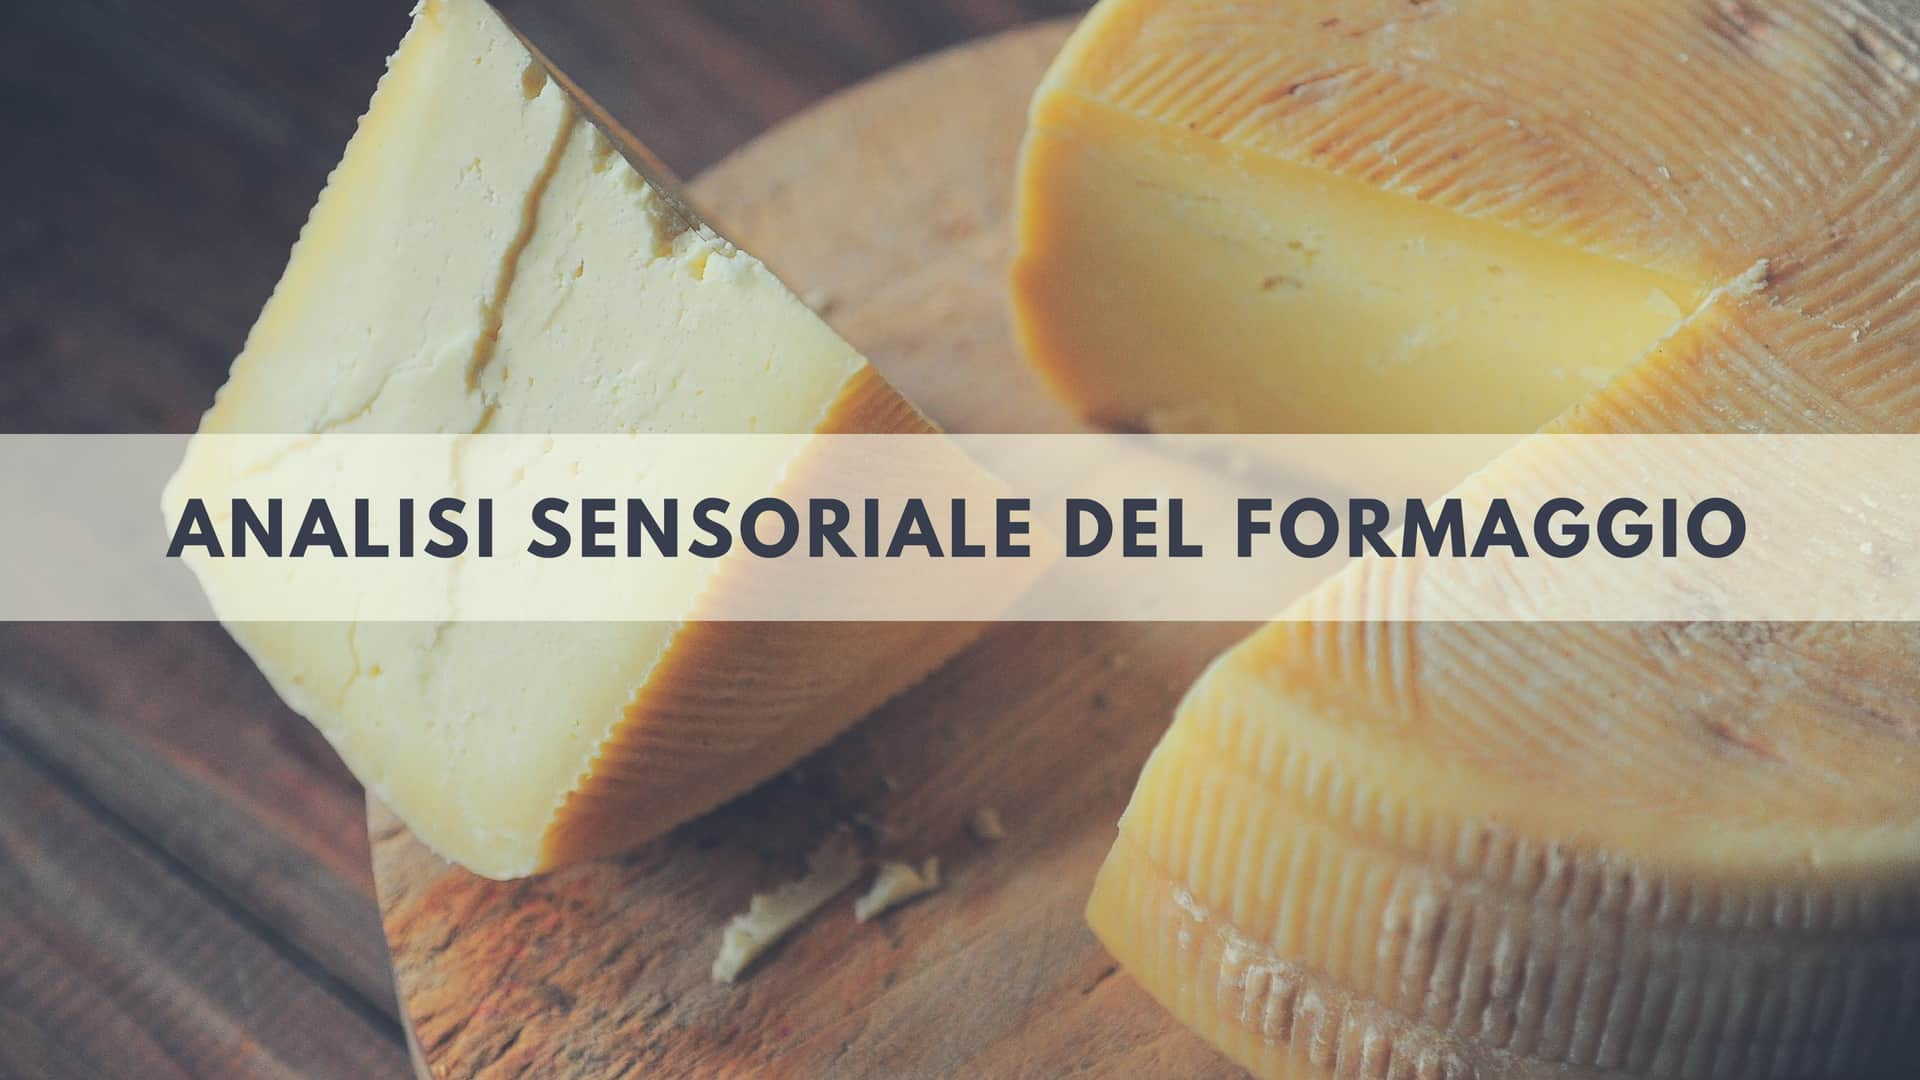 La vista è necessaria per l'analisi sensoriale del formaggio